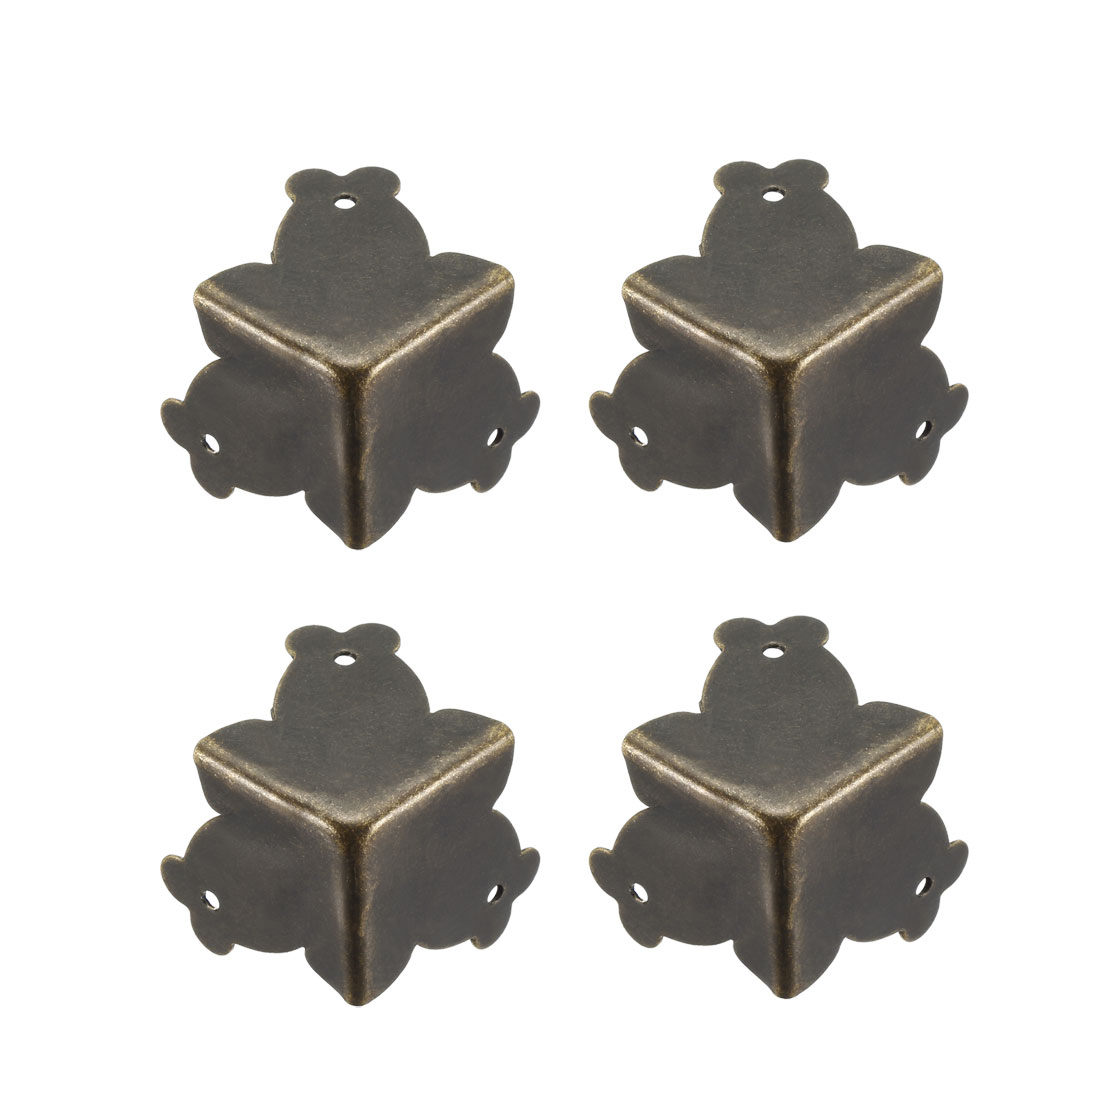 Metal Box Corner Protectors Edge Guard Protector 25x25x25mm Bronze Tone 4pcs